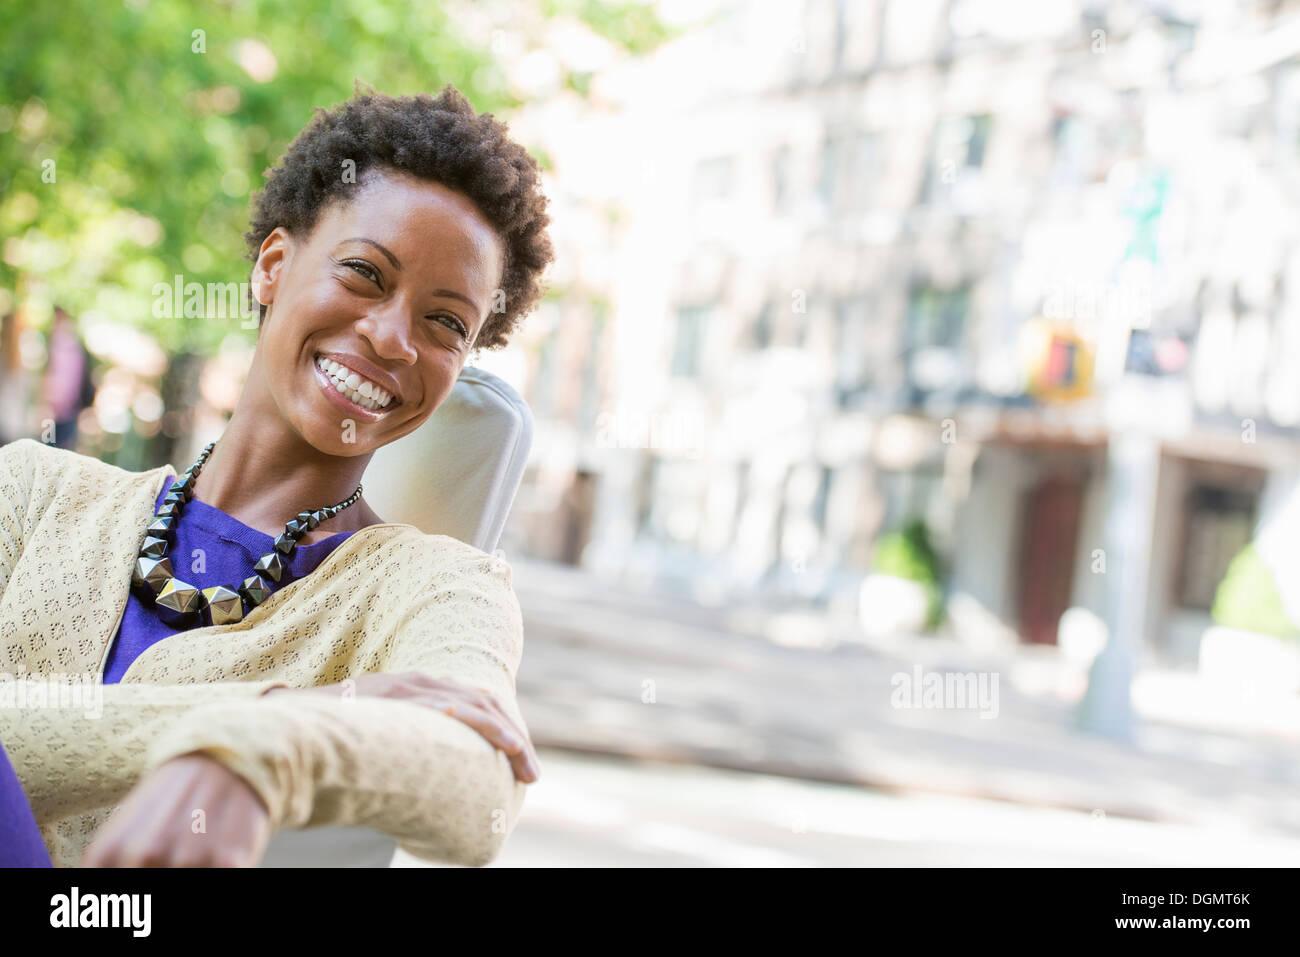 Leben in der Stadt. Eine Frau sitzt an der frischen Luft in einem Stadtpark. Stockbild